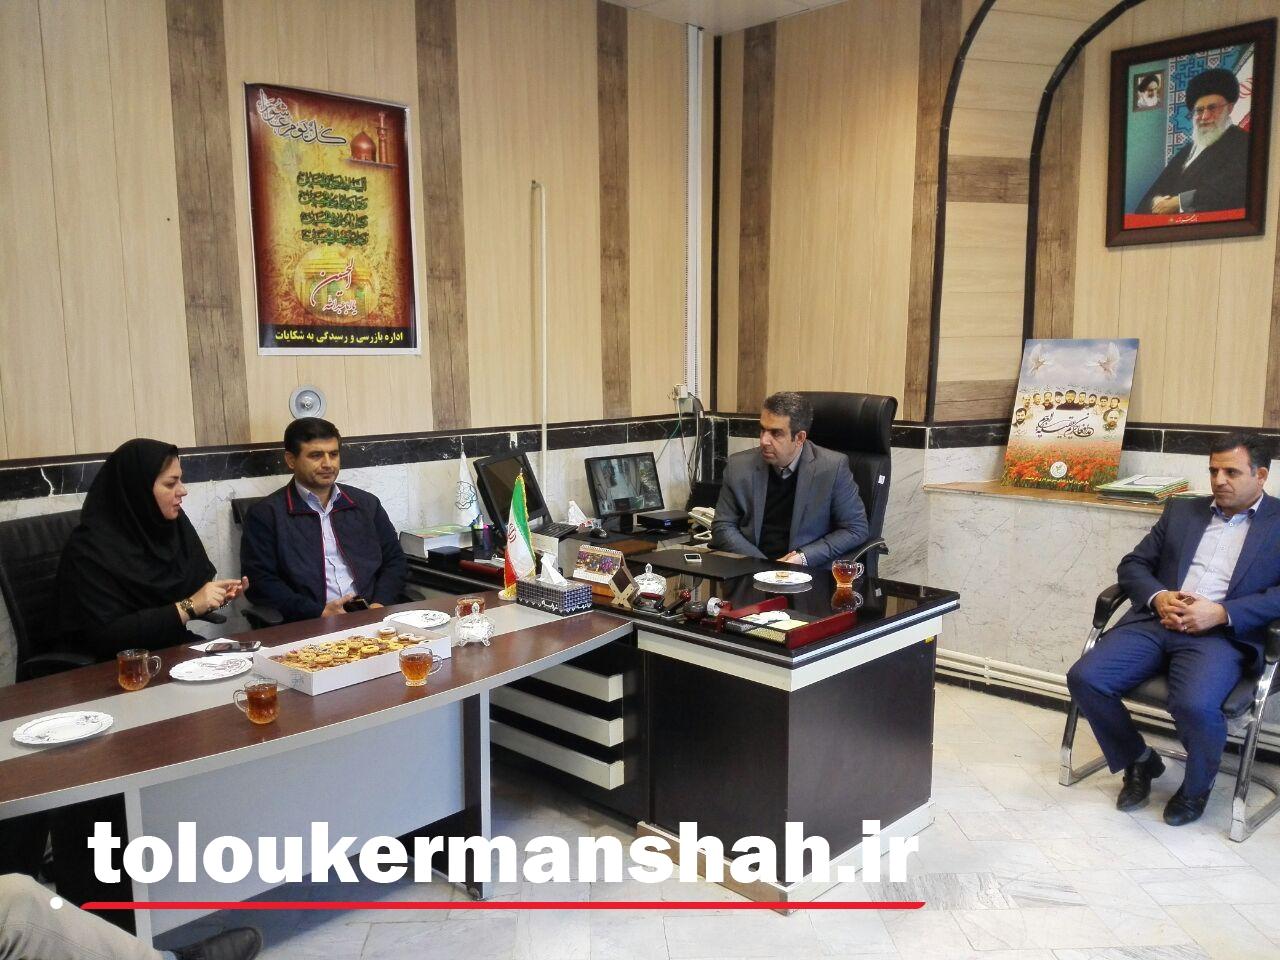 نگاه ویژه سرپرست شهرداری کرمانشاه به زنان